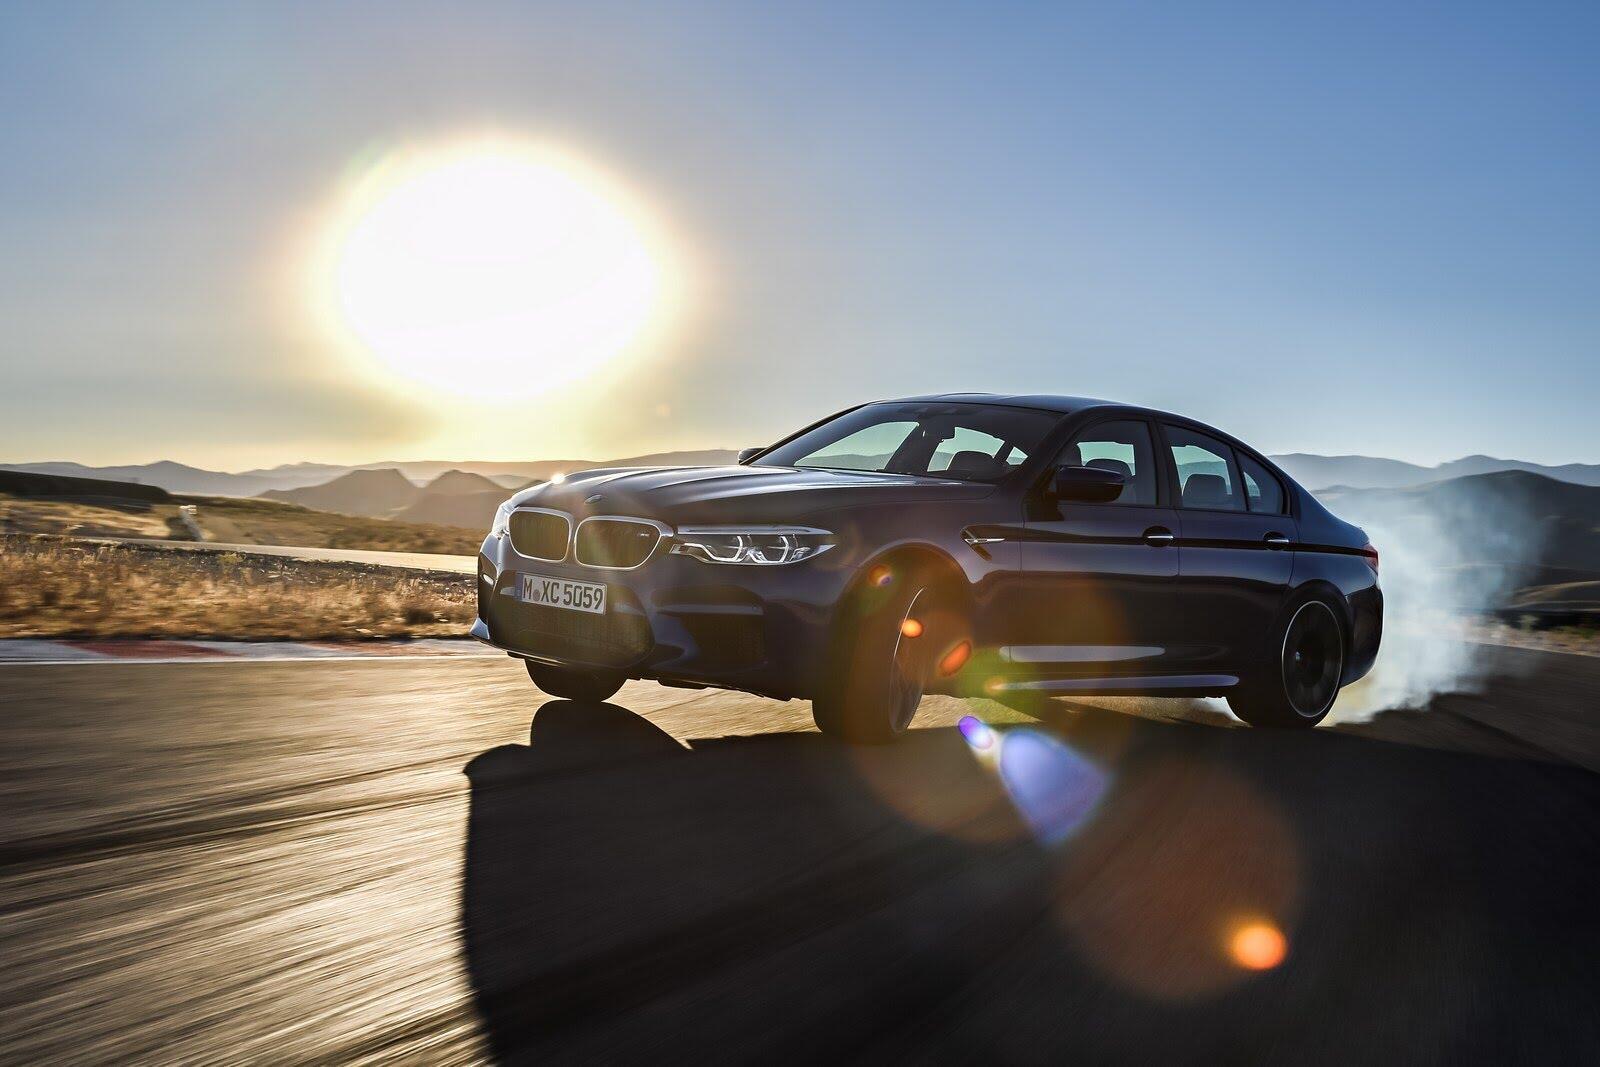 BMW M5 2018 chính thức trình làng với 600 mã lực - Hình 2